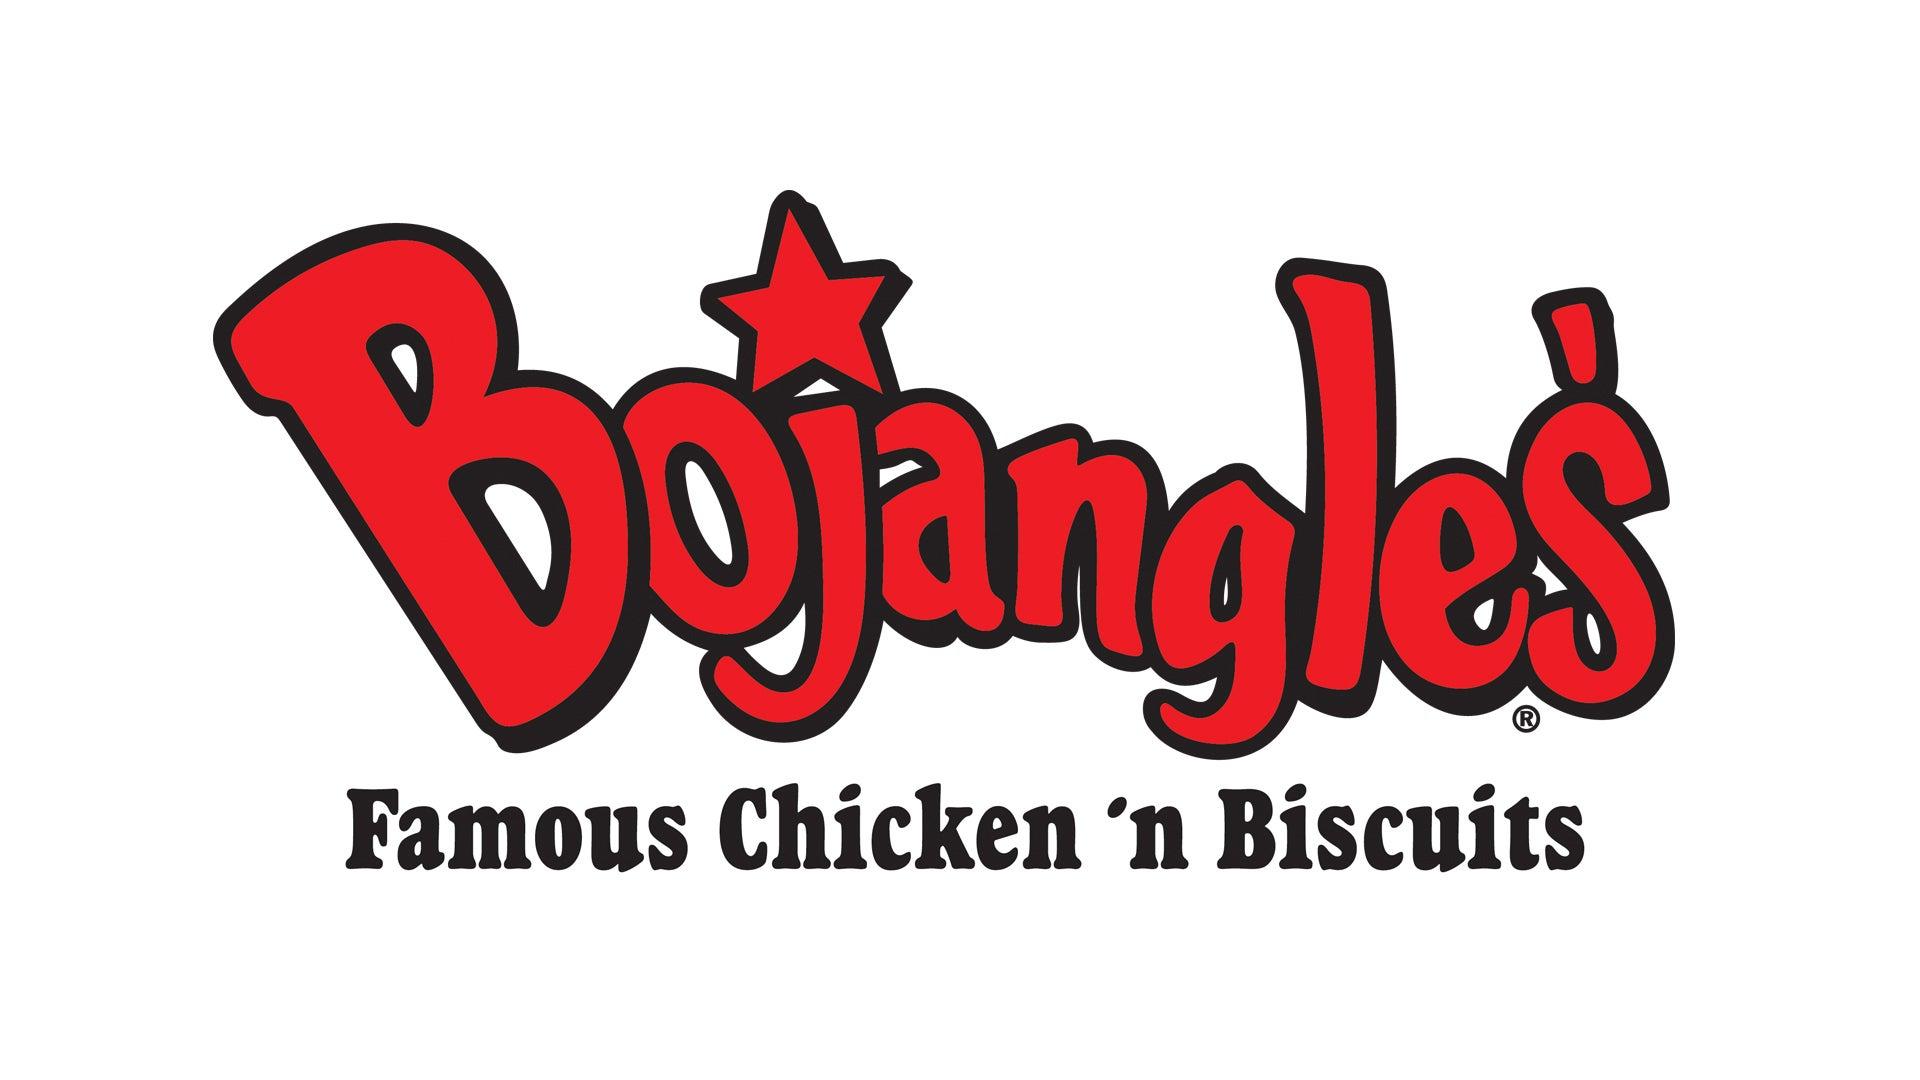 Bojangles_Sponsor_Logos.jpg